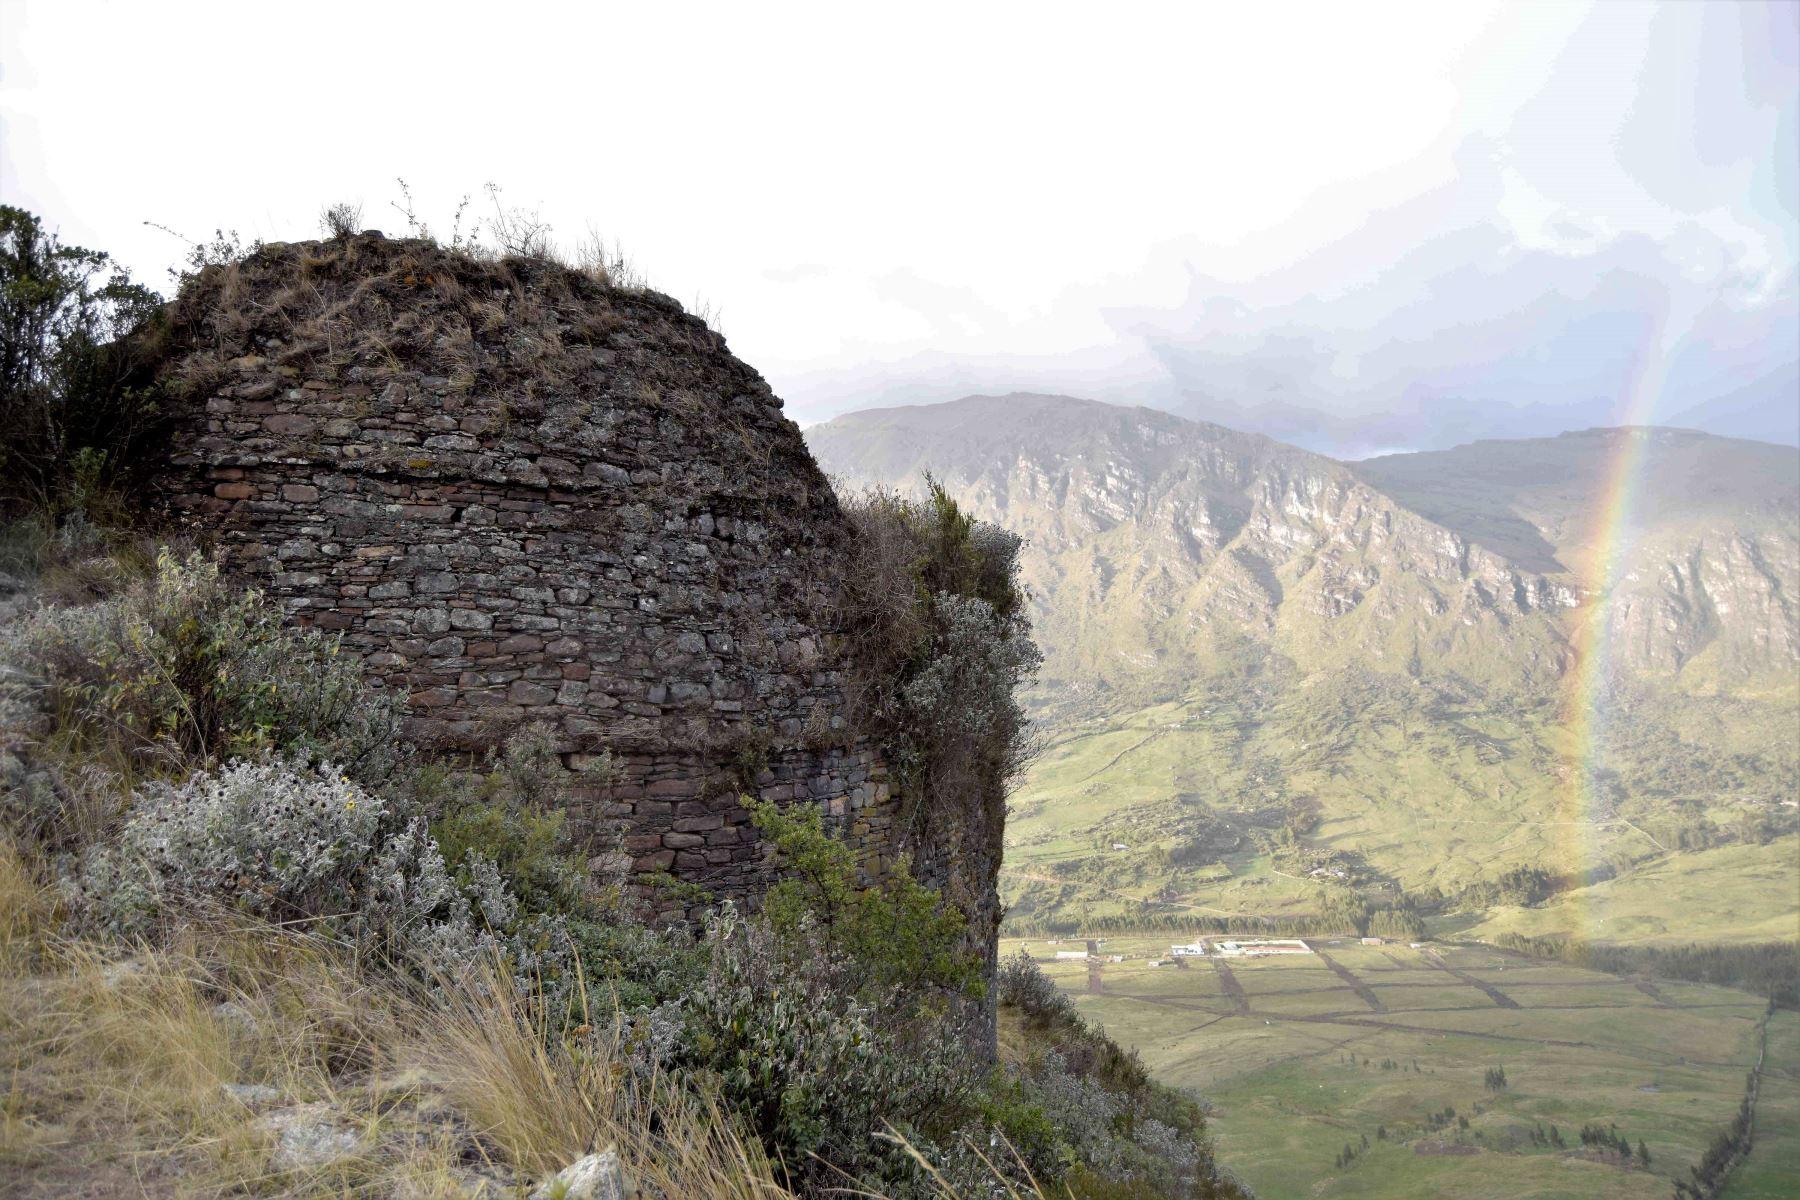 Habilitan acceso vial a sitio arqueológico Inca Pakarishka que se ubica en la provincia de Bolívar, en La Libertad. ANDINA/Difusión